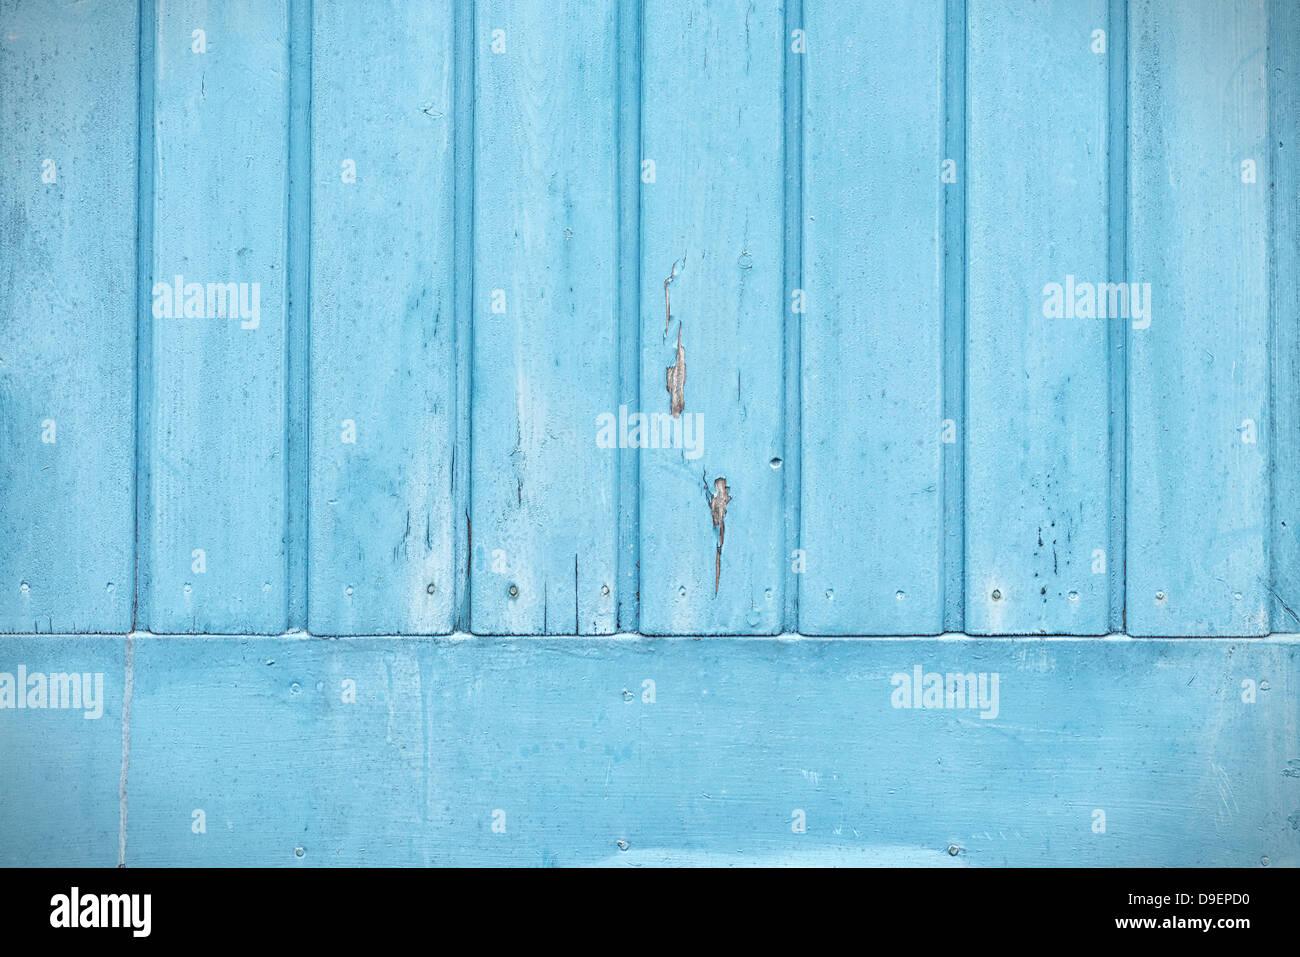 Dettaglio del blu del pannello di legno nella parte inferiore di una porta Immagini Stock